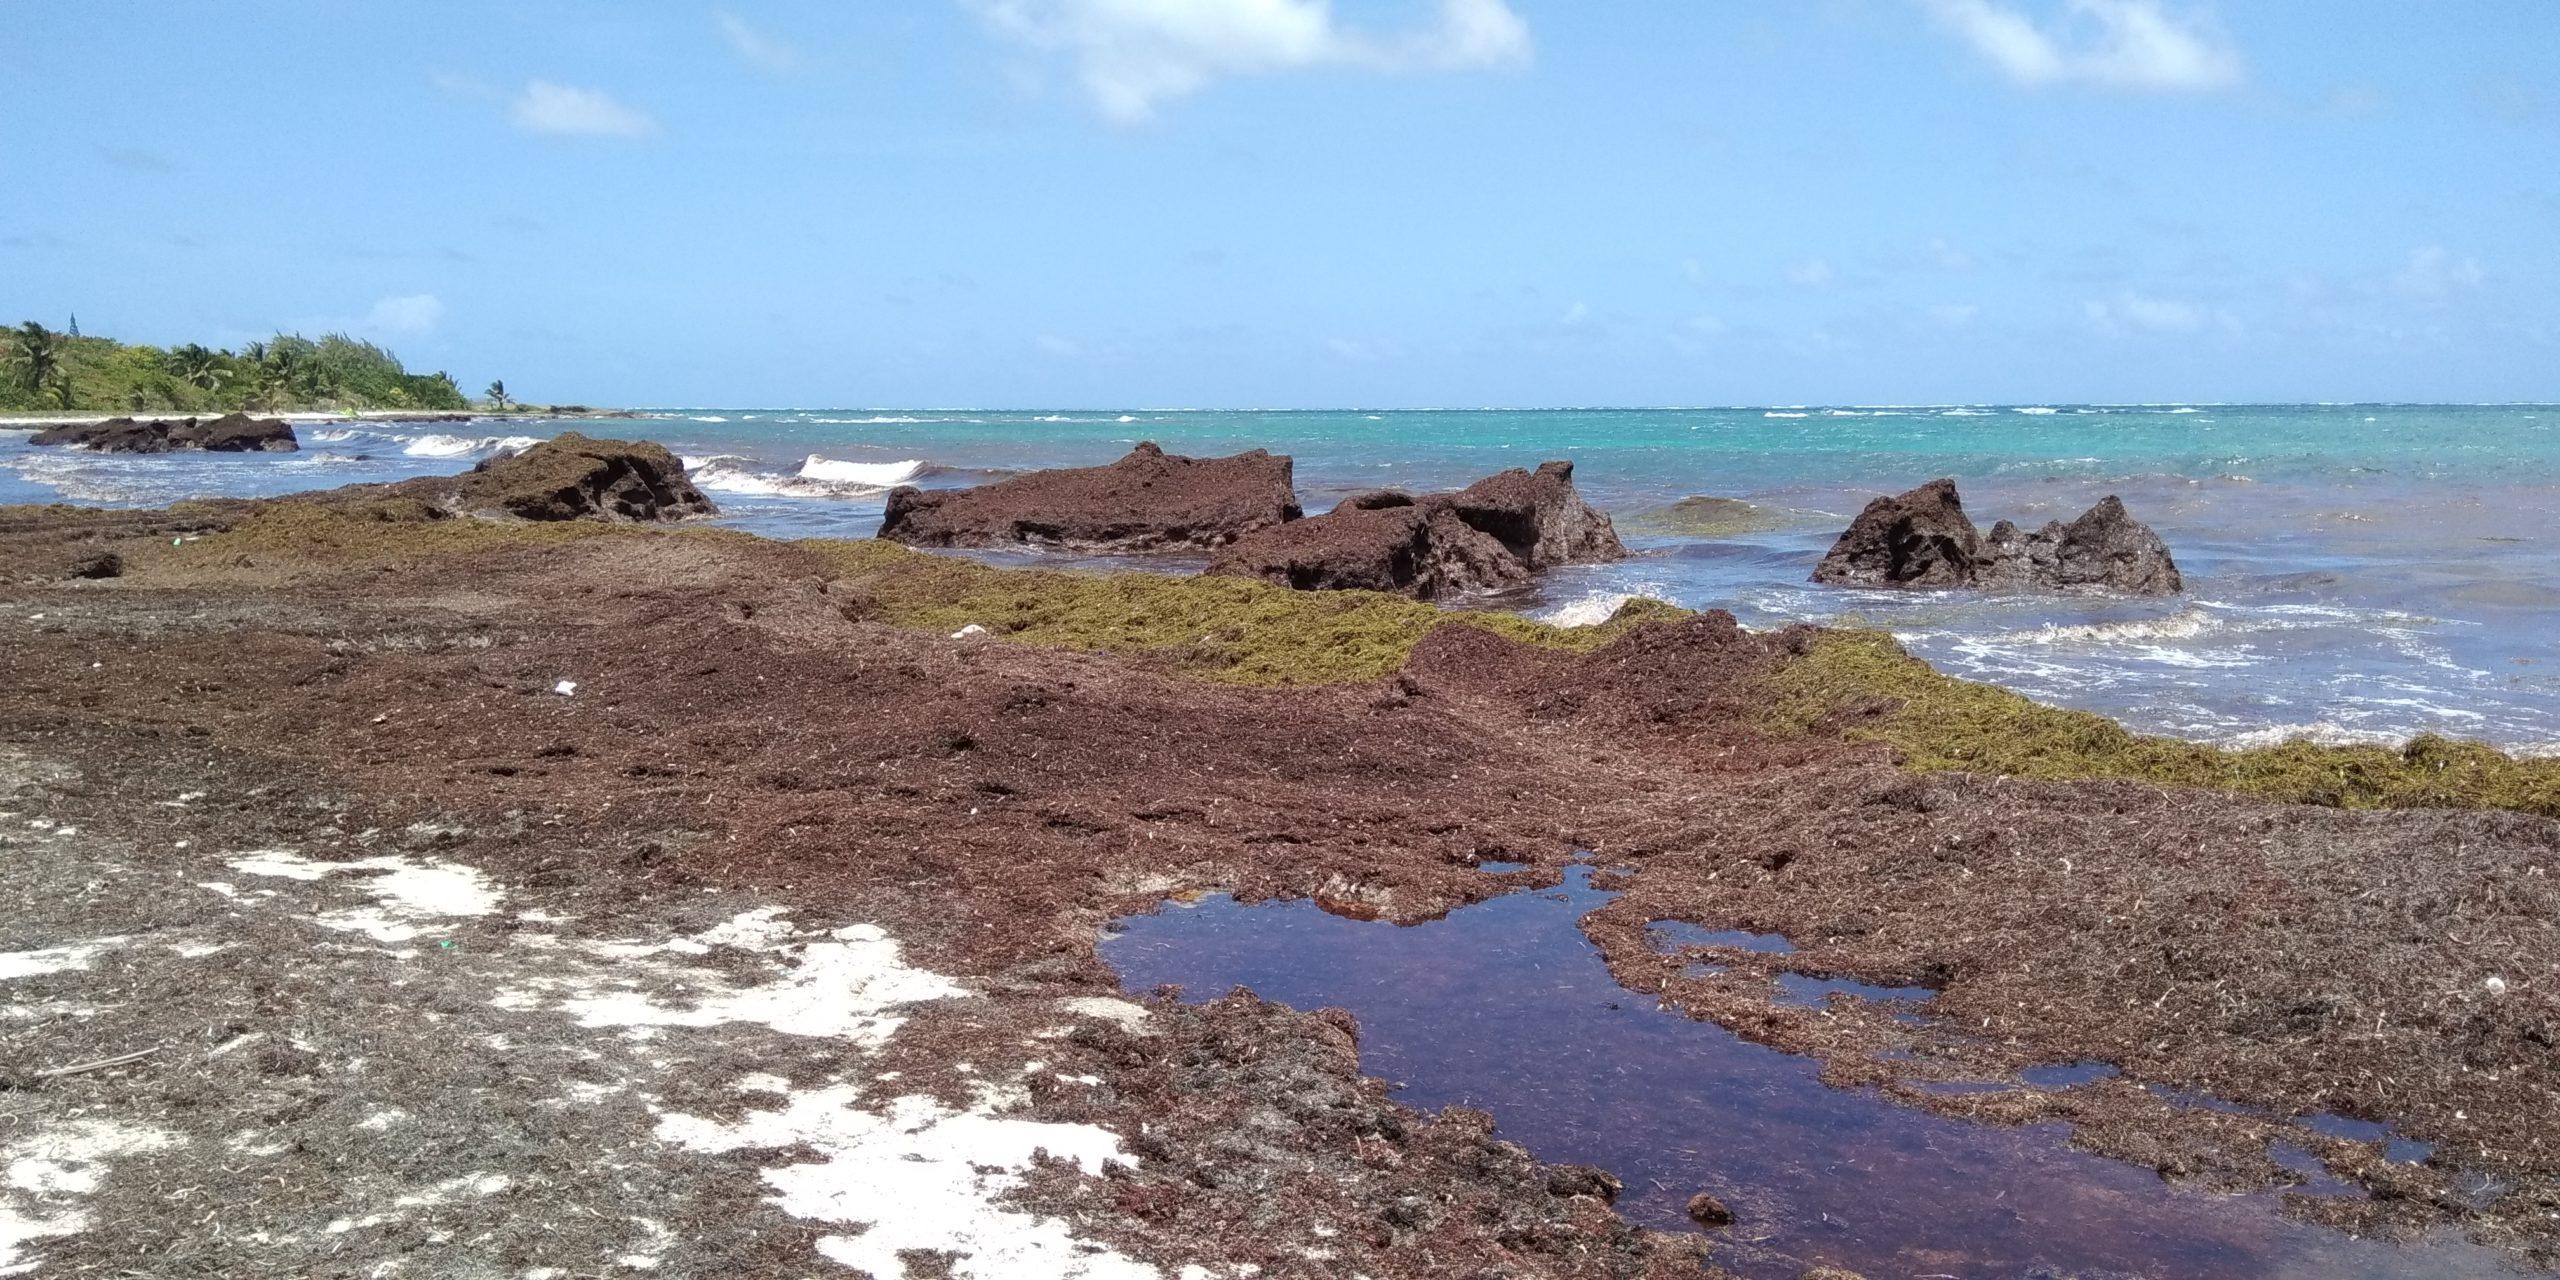 Prolifération des algues Sargasses : l'État laisse nos compatriotes antillais livrés à eux-mêmes